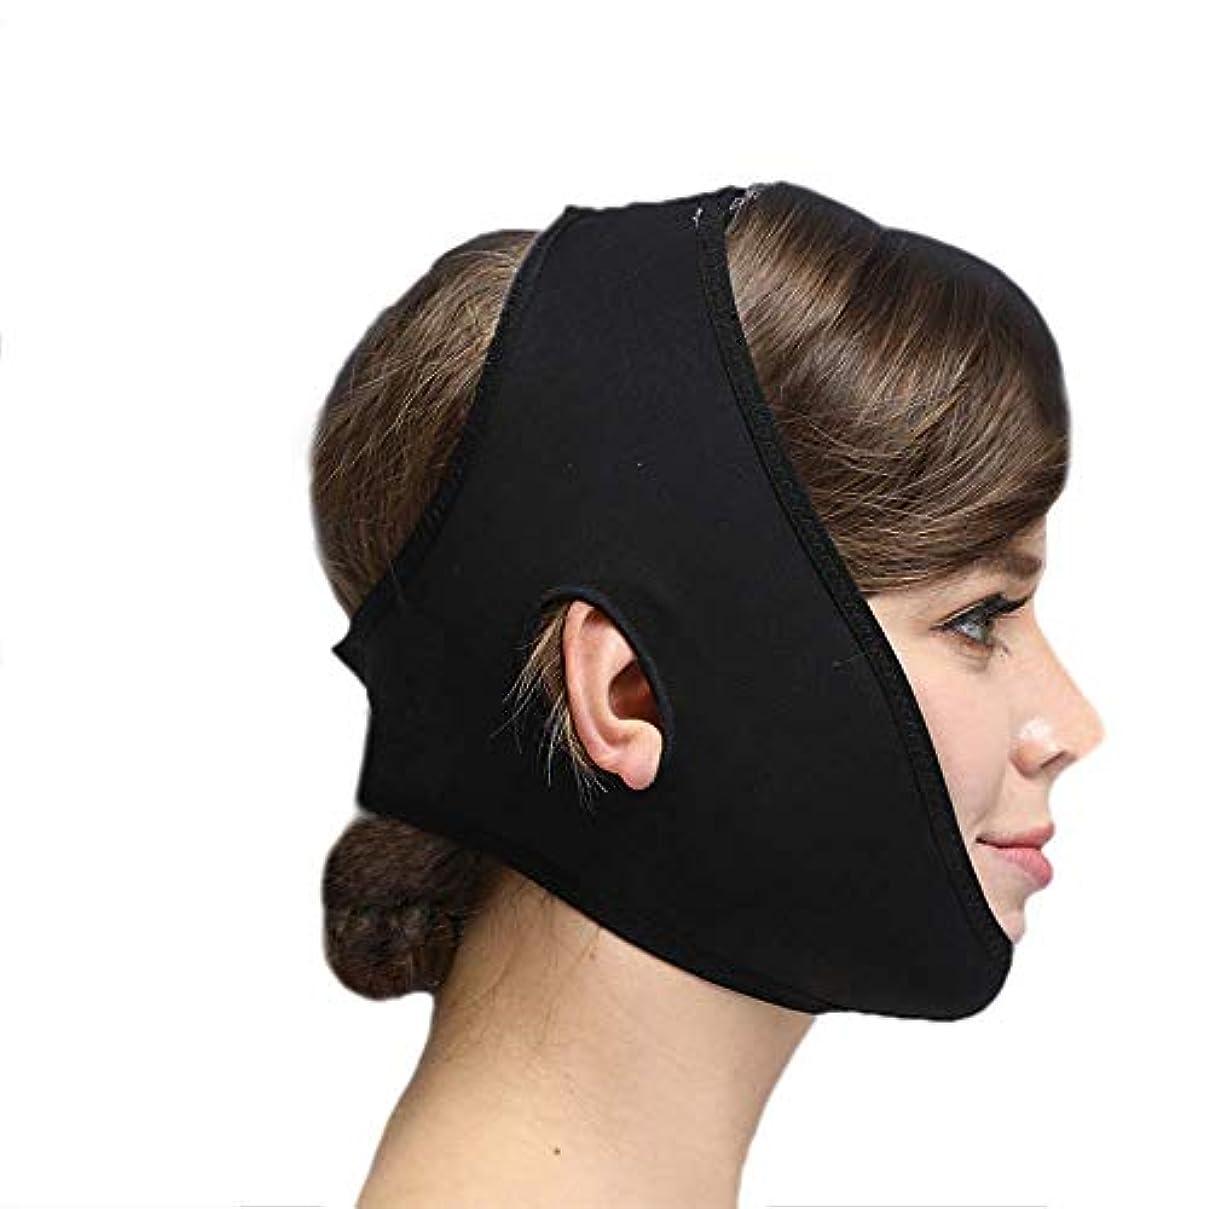 増幅器イソギンチャク憧れフェイススリミングマスク、快適さと通気性、フェイシャルリフティング、輪郭の改善された硬さ、ファーミングとリフティングフェイス(カラー:ブラック、サイズ:XL),ブラック2、L